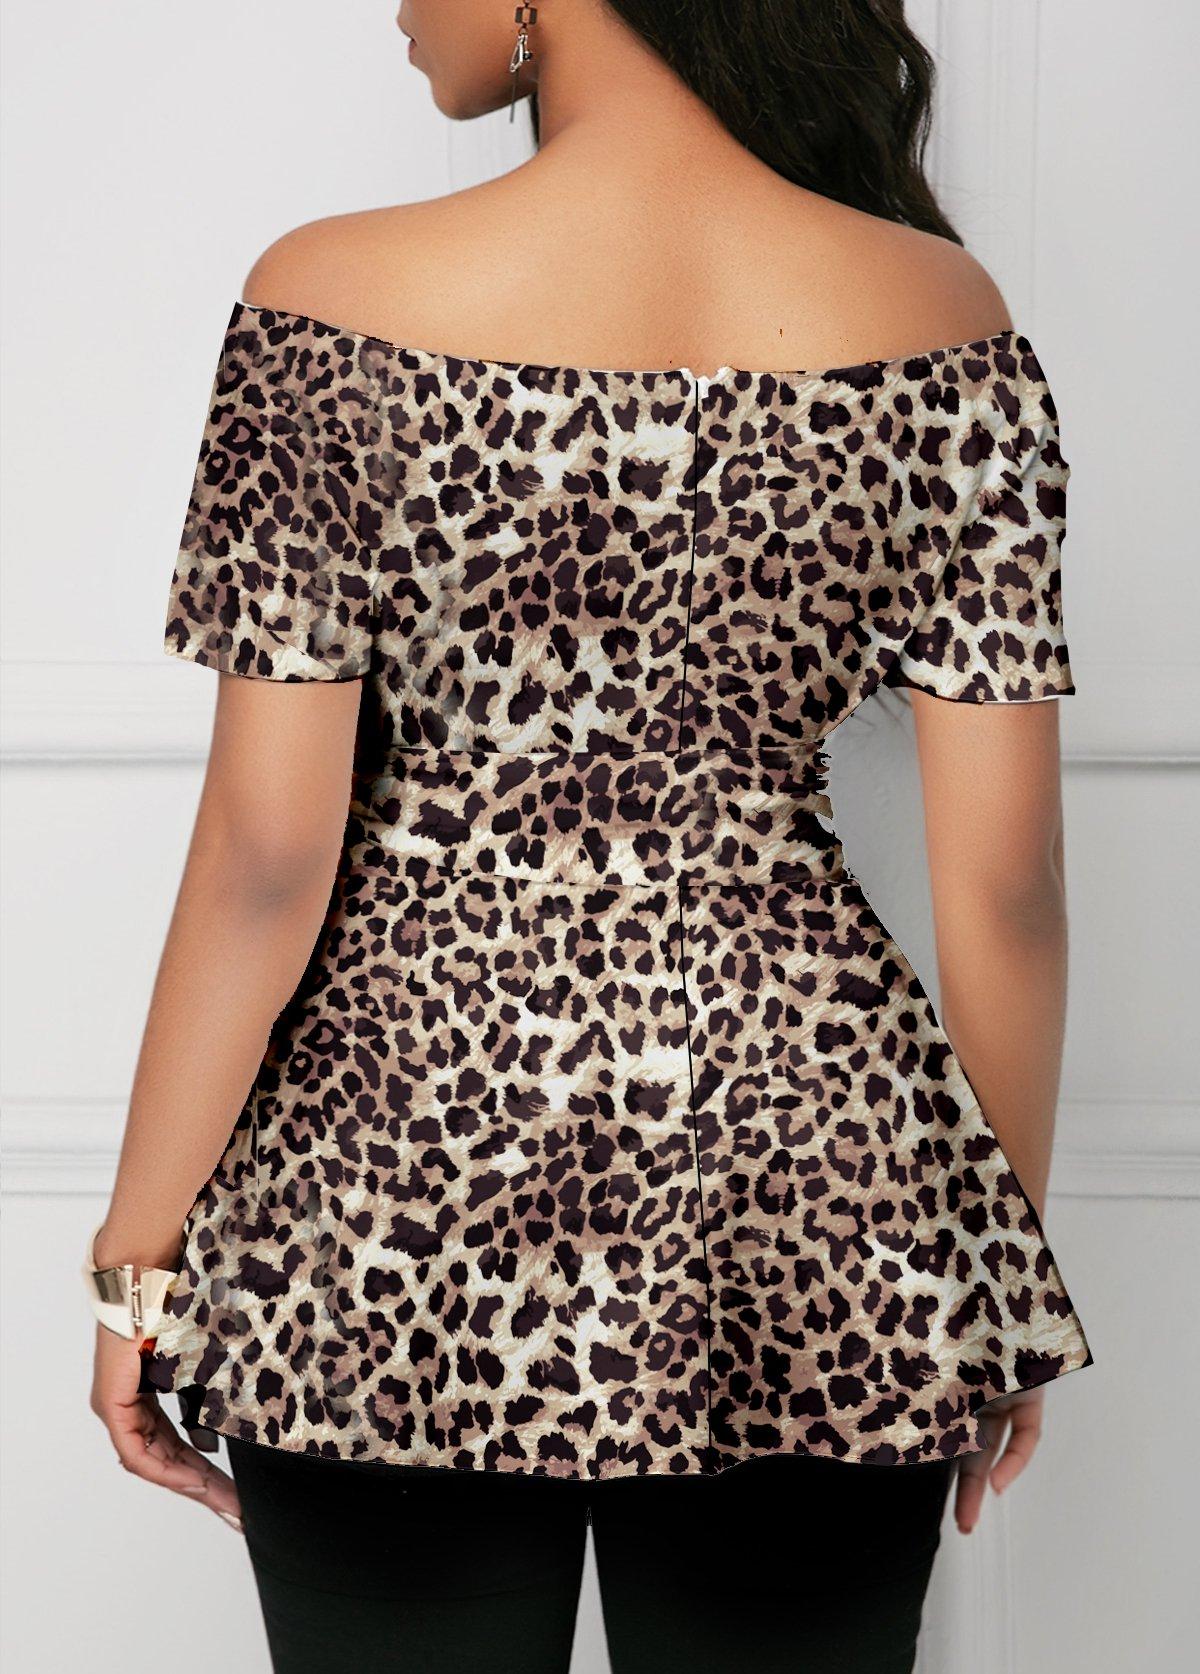 Short Sleeve Leopard Print One Shoulder Blouse